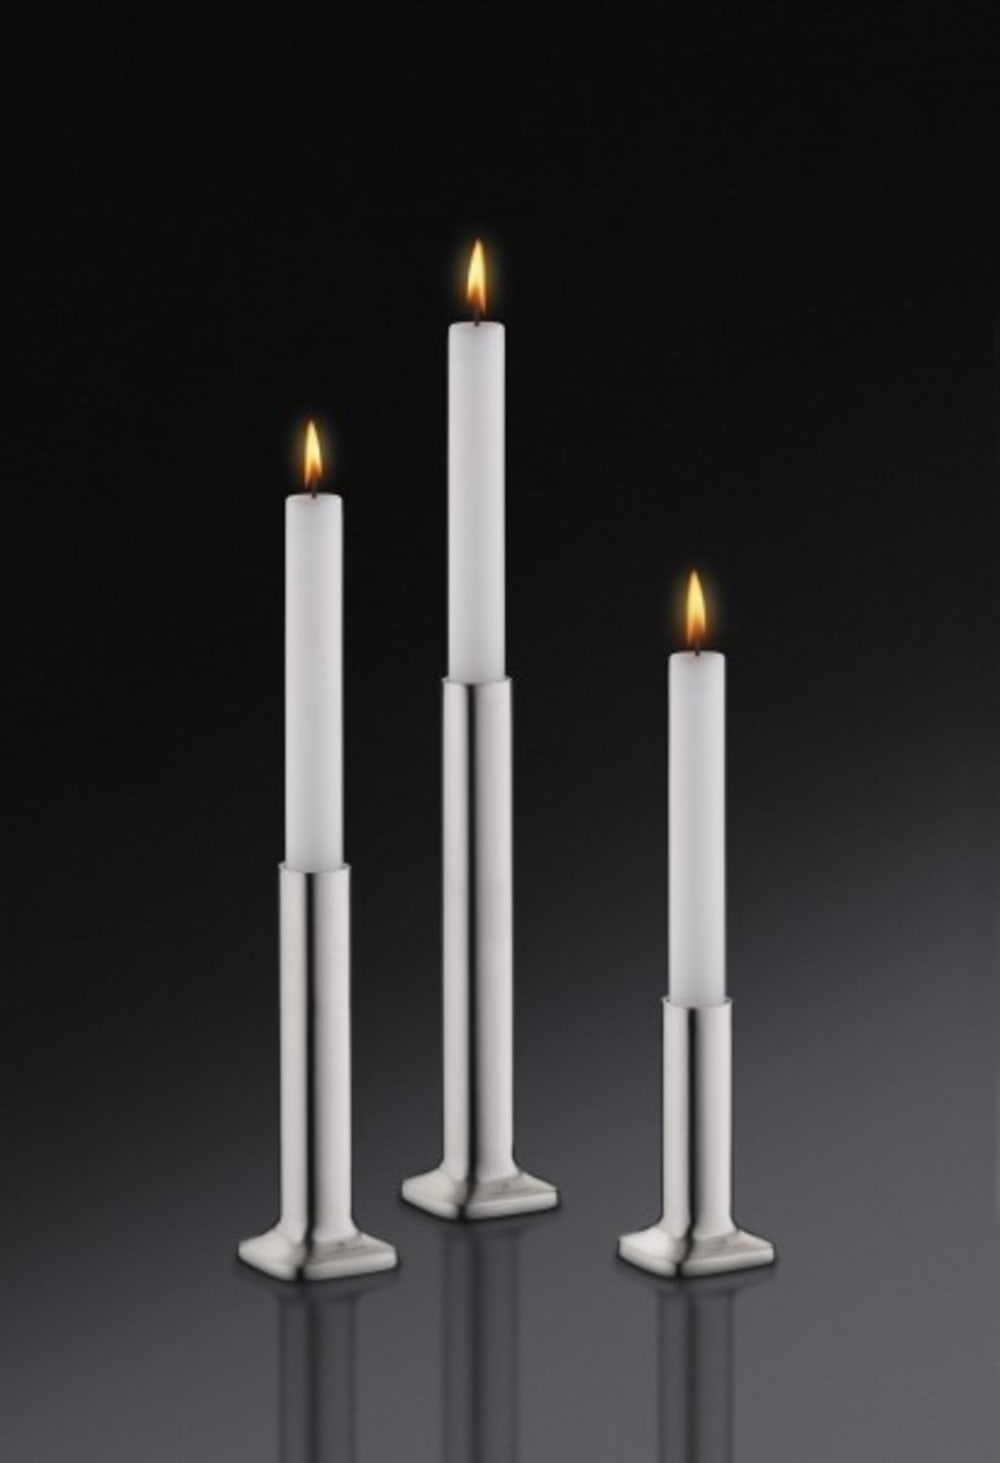 Auerhahn - Świecznik+świeca biała matH20, bez opak